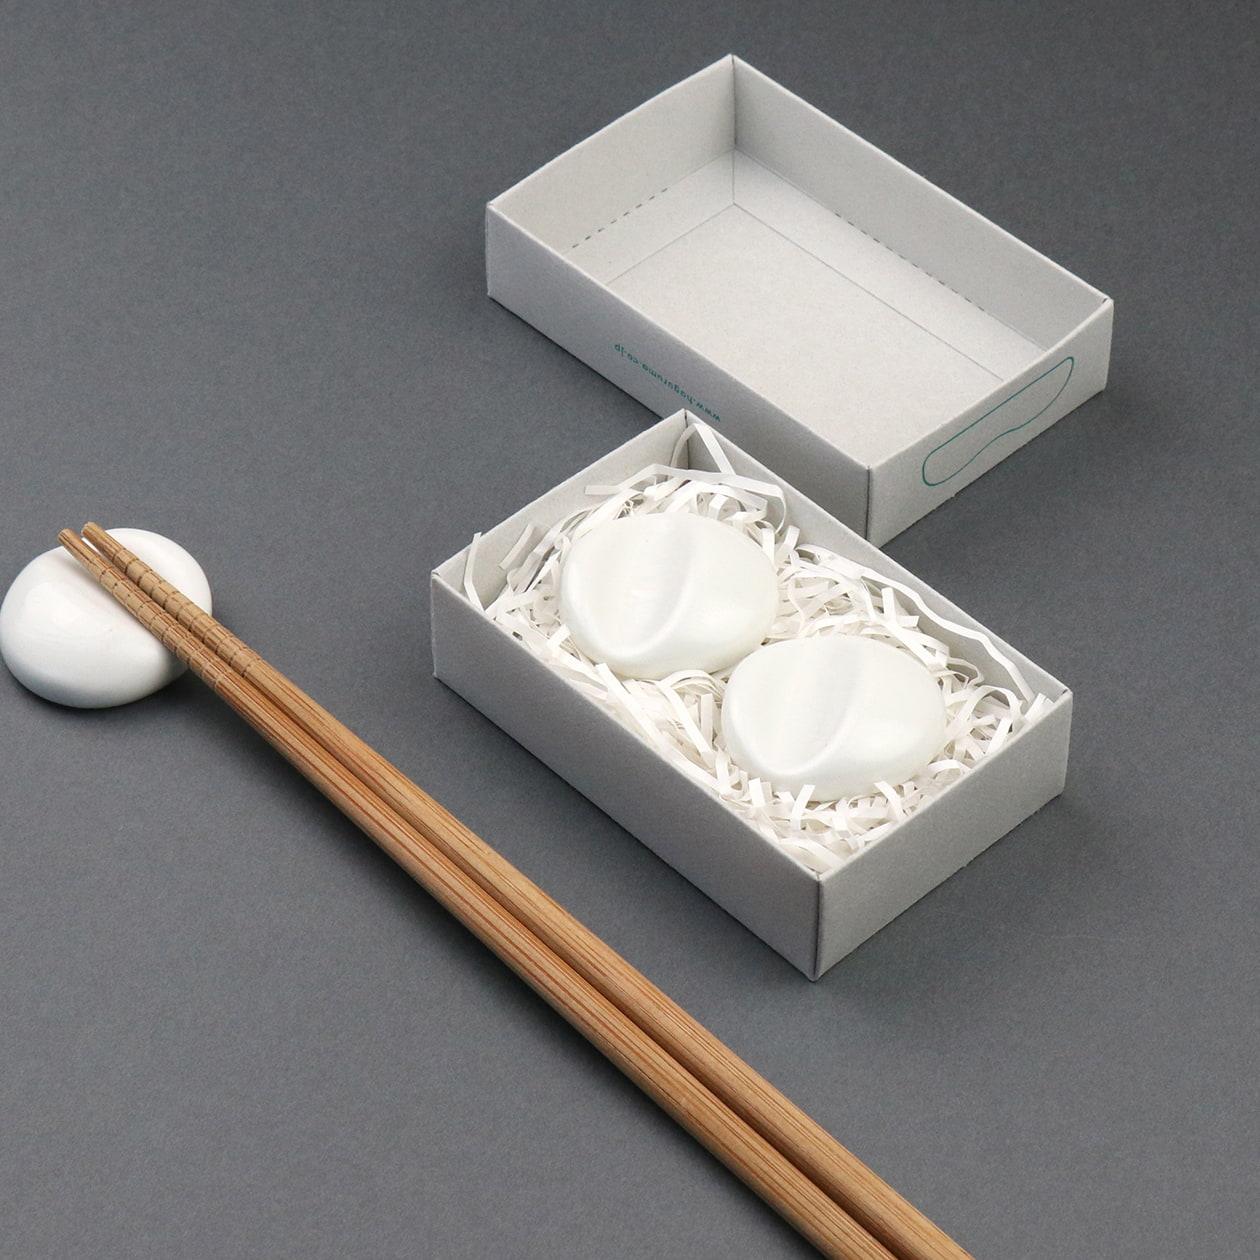 箸置き用の小さな商品箱